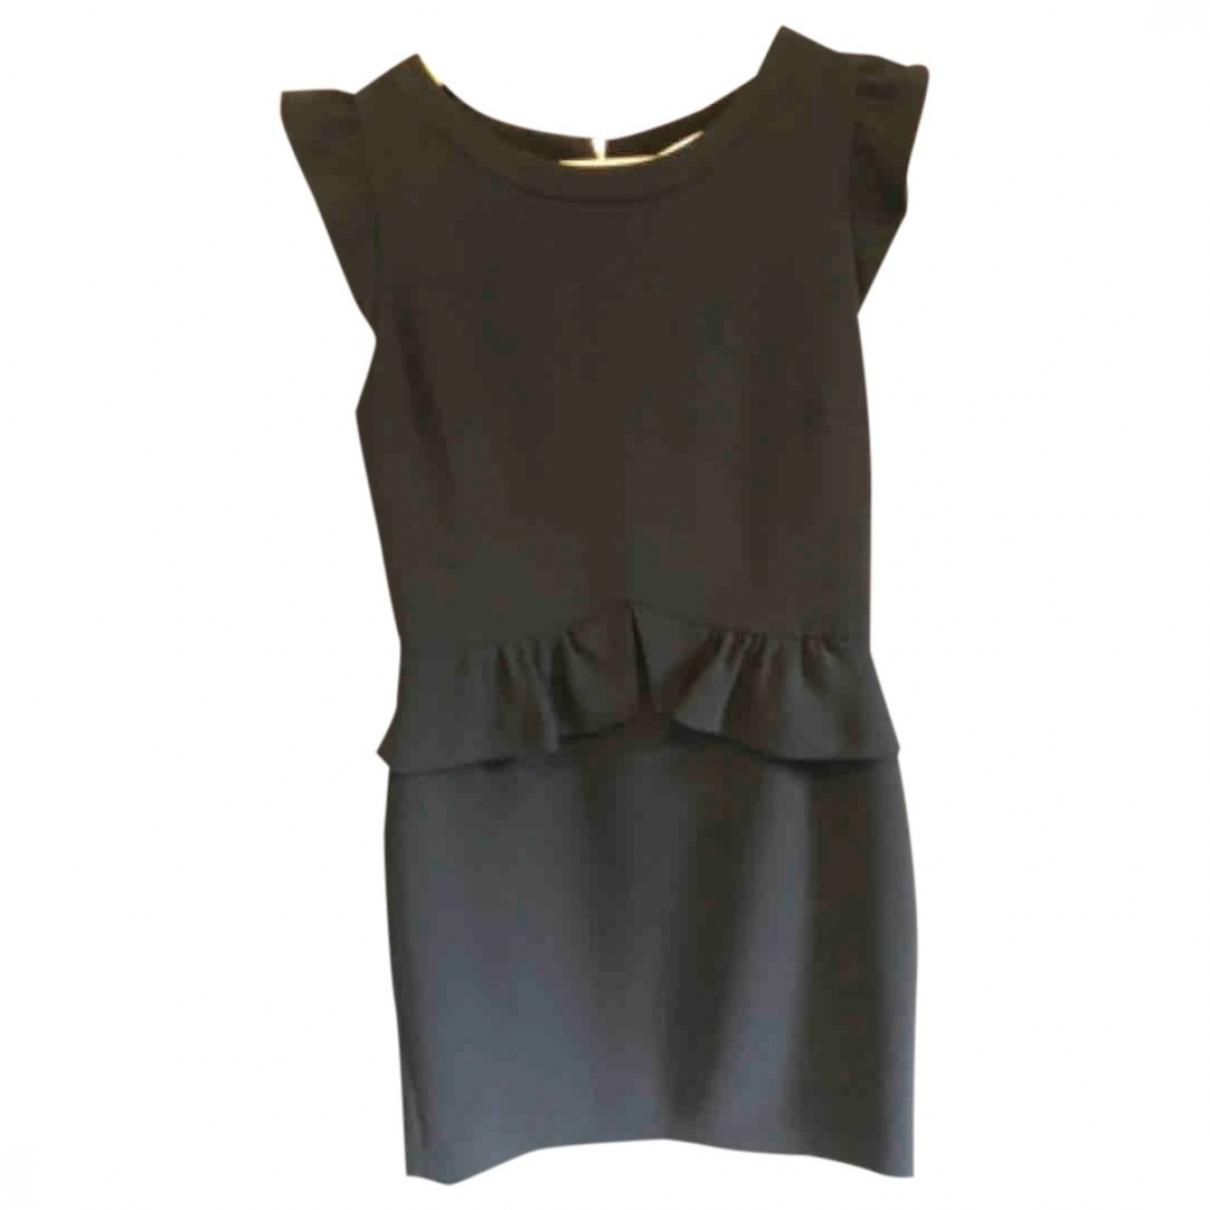 Sandro \N Black dress for Women 38 FR